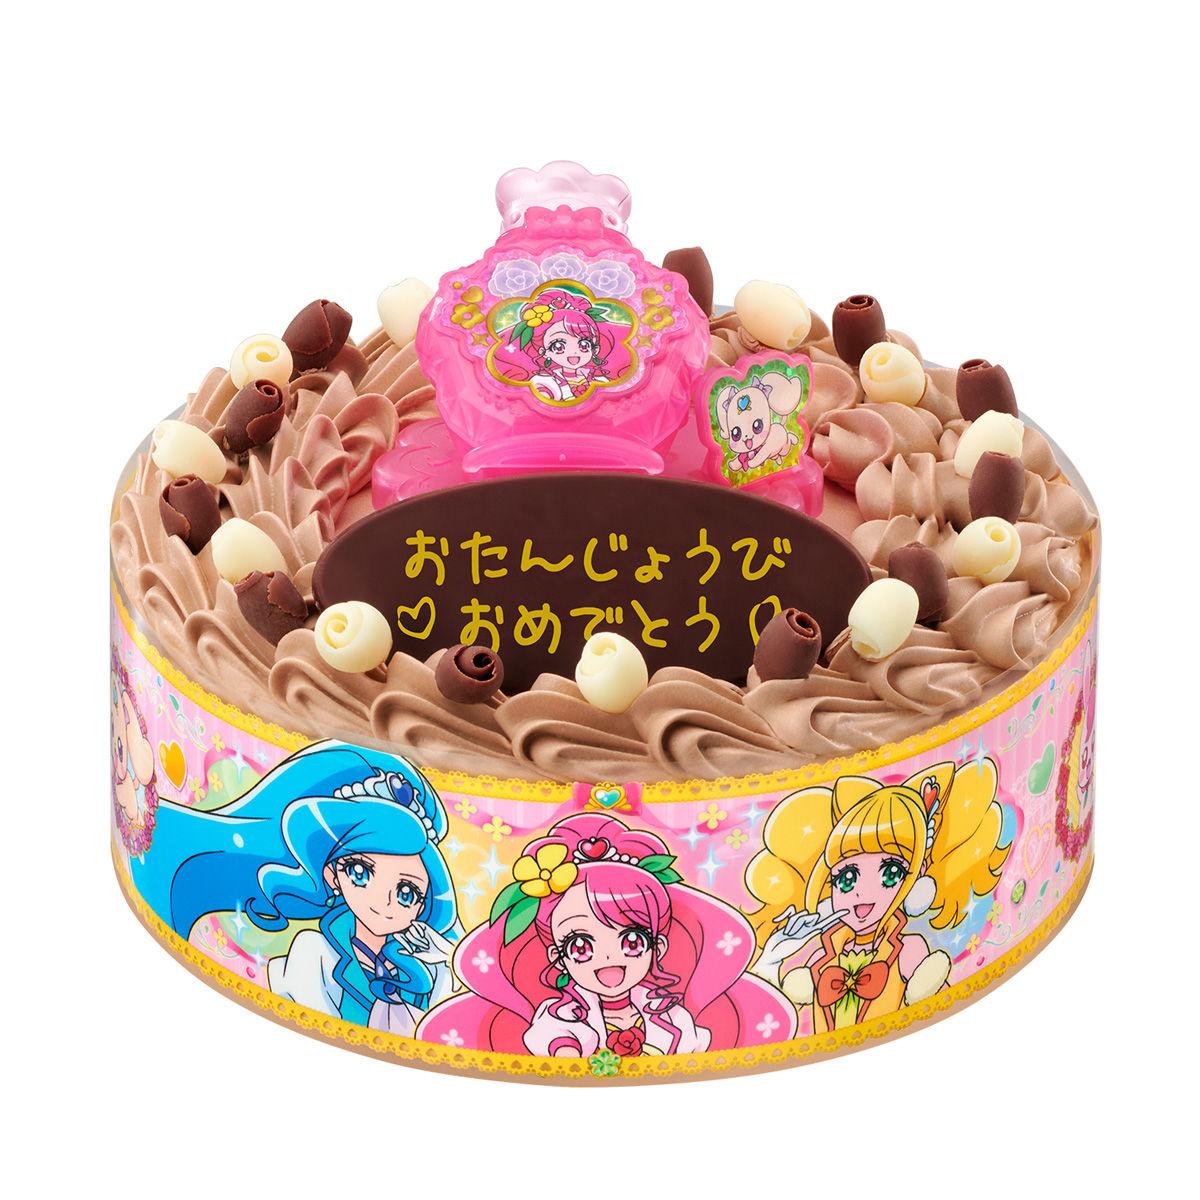 キャラデコお祝いケーキ ヒーリングっど プリキュア(チョコクリーム)[5号サイズ]_8